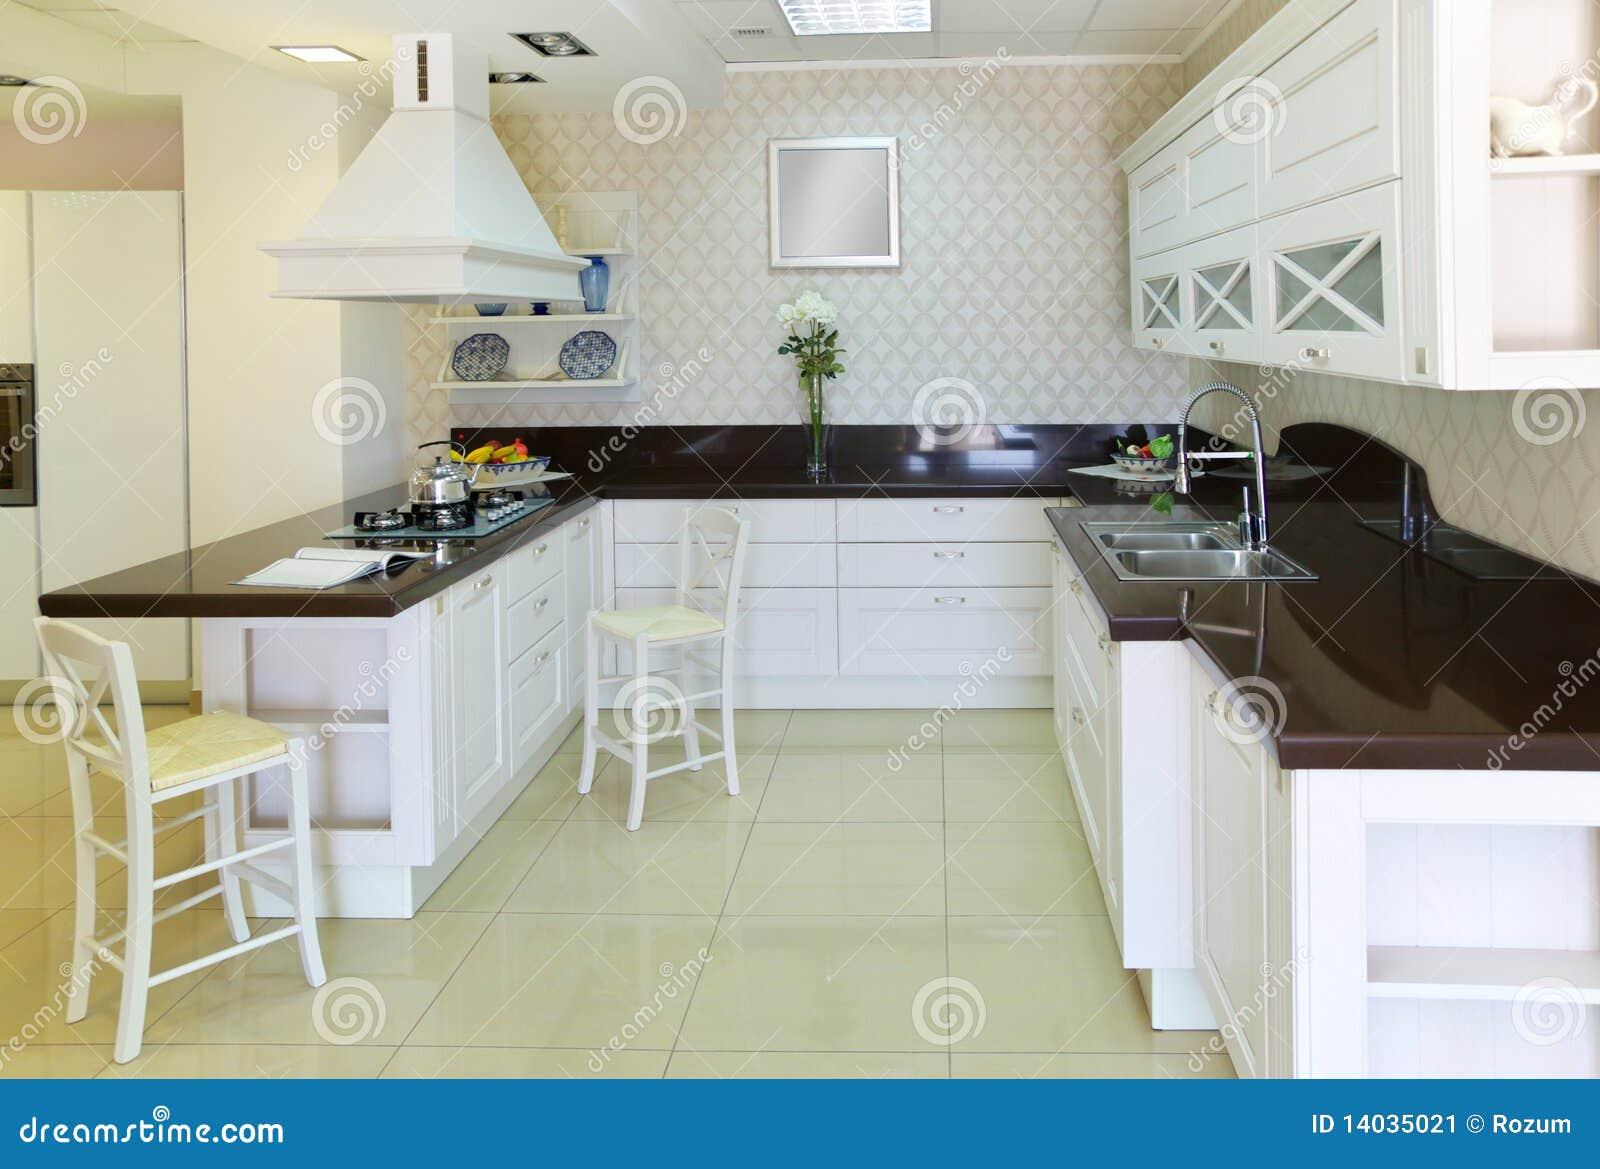 moderne wei e k che stockbild bild 14035021. Black Bedroom Furniture Sets. Home Design Ideas